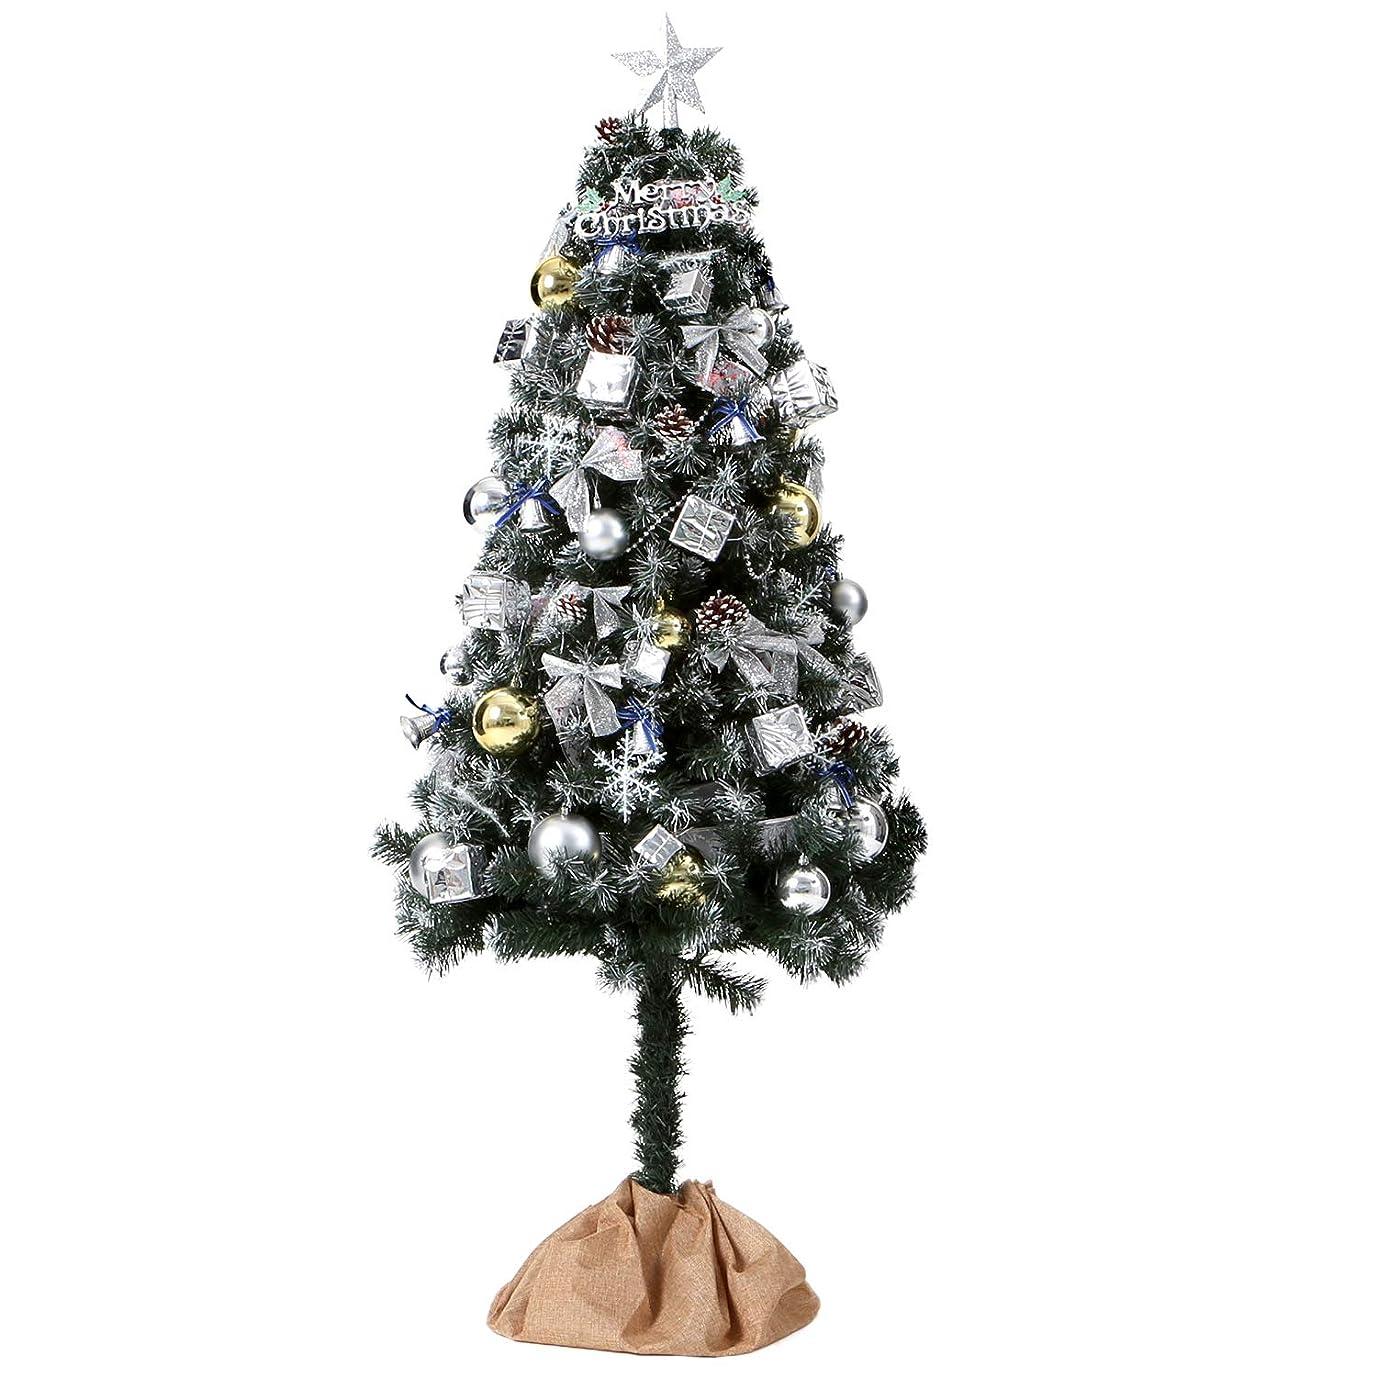 規範世界に死んだトラックモダンデコ クリスマスツリー 150 飾り オーナメント 15種類 セット 脚カバー付 (シルバー)